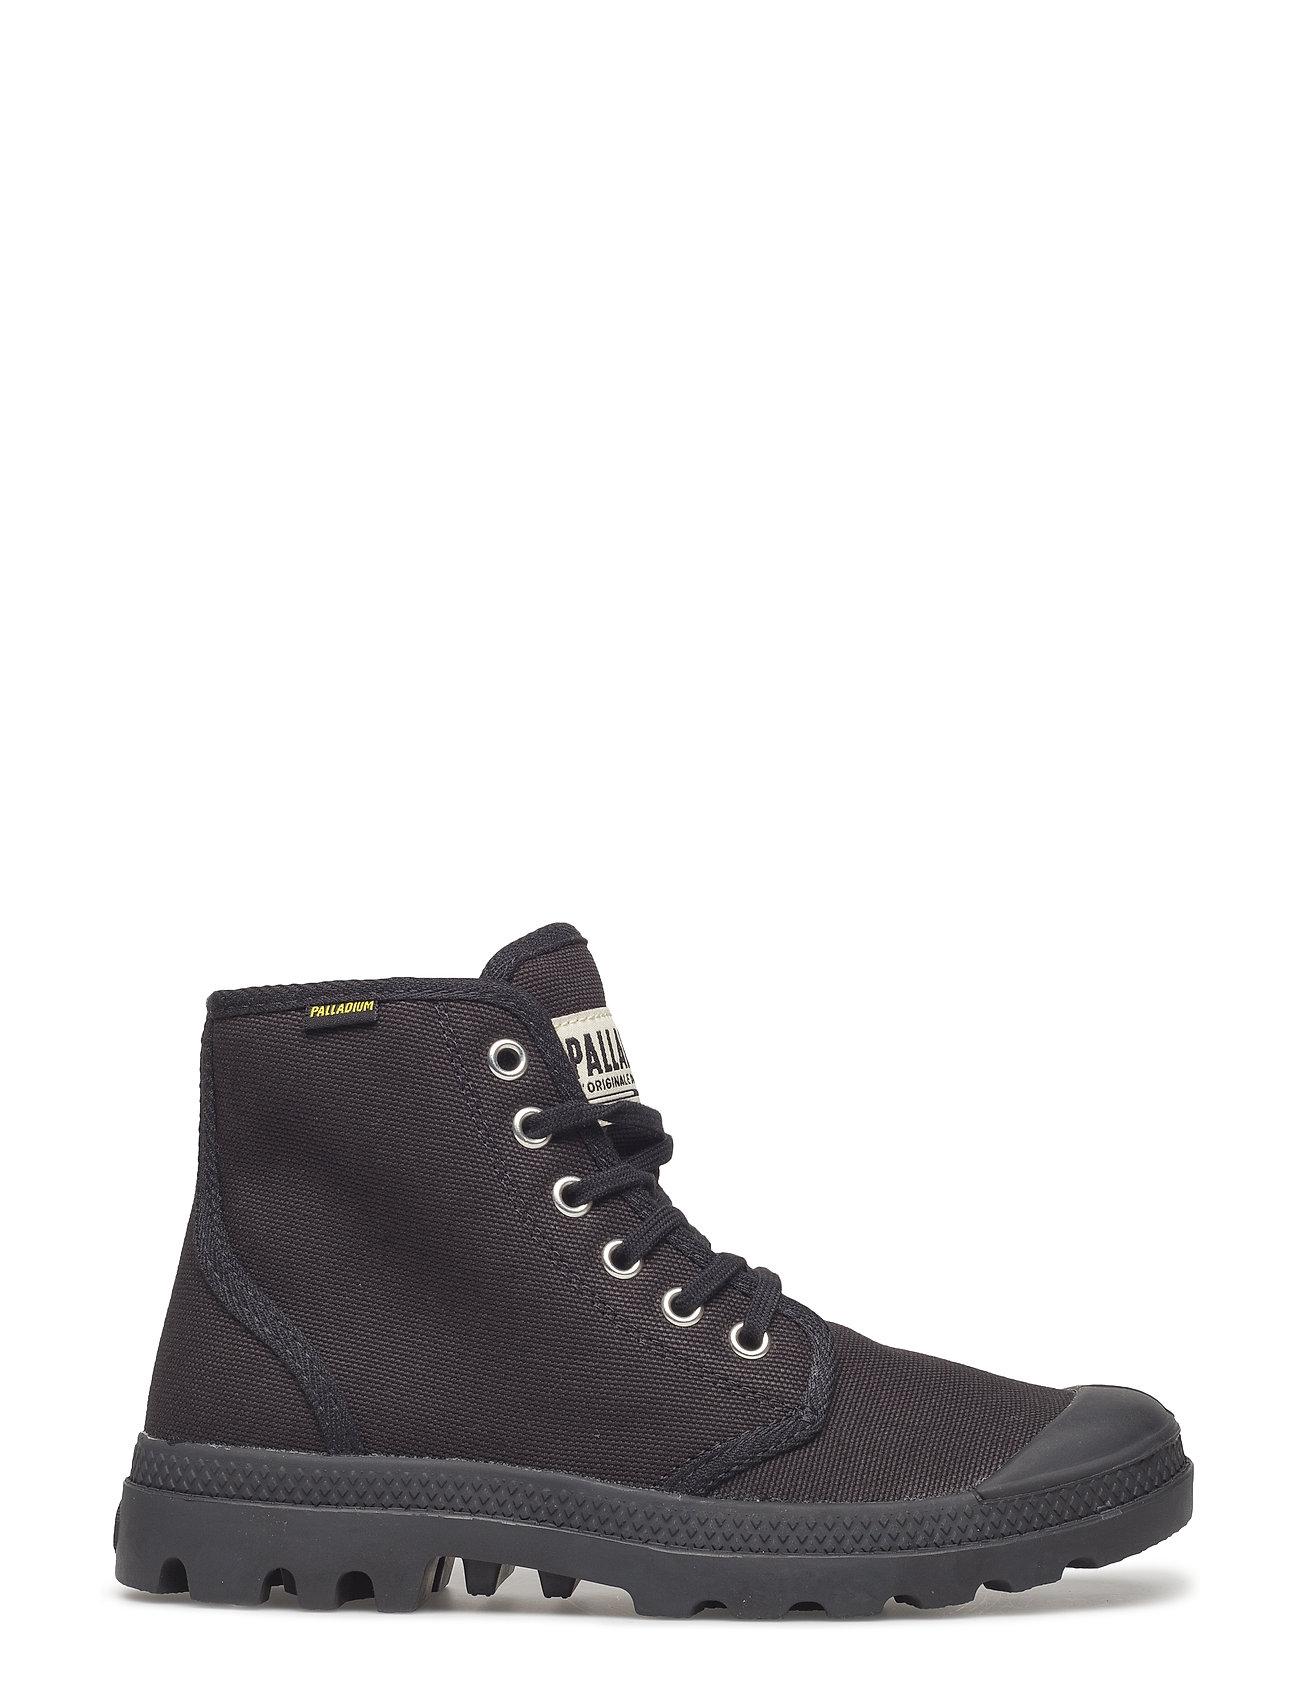 Pampa Hi Orginale High-top Sneakers Sort Palladium